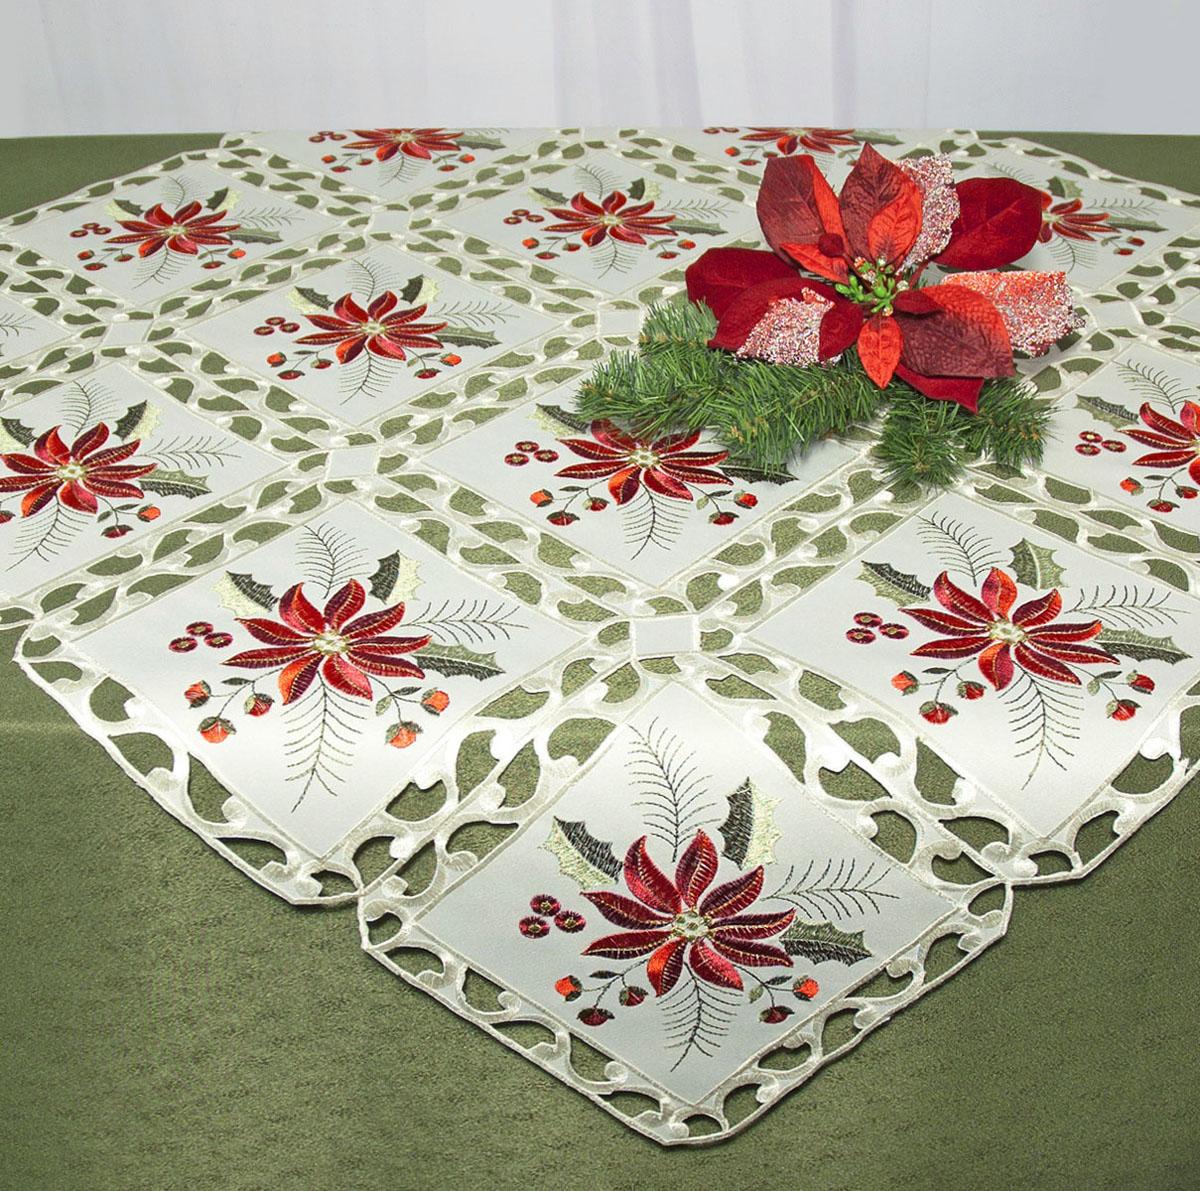 Скатерть Schaefer, квадратная, цвет: бежевый, красный, 85 x 85 см. 07491-10007491-100Скатерть Schaefer изготовлена из полиэстера и декорирована вышитыми в технике ришелье цветами. Изделия из полиэстера легко стирать: они не мнутся, не садятся и быстро сохнут, они более долговечны, чем изделия из натуральных волокон. Кроме того, ткань обладает водоотталкивающими свойствами. Такая скатерть будет просто не заменима на кухне, а особенно на вашем обеденном столе на даче под открытым небом. Скатерть Schaefer не останется без внимания ваших гостей, а вас будет ежедневно радовать ярким дизайном и несравненным качеством. Немецкая компания Schaefer создана в 1921 году. На протяжении всего времени существования она создает уникальные коллекции домашнего текстиля для гостиных, спален, кухонь и ванных комнат. Дизайнерские идеи немецких художников компании Schaefer воплощаются в текстильных изделиях, которые сделают ваш дом красивее и уютнее и не останутся незамеченными вашими гостями. Дарите себе и близким красоту каждый...